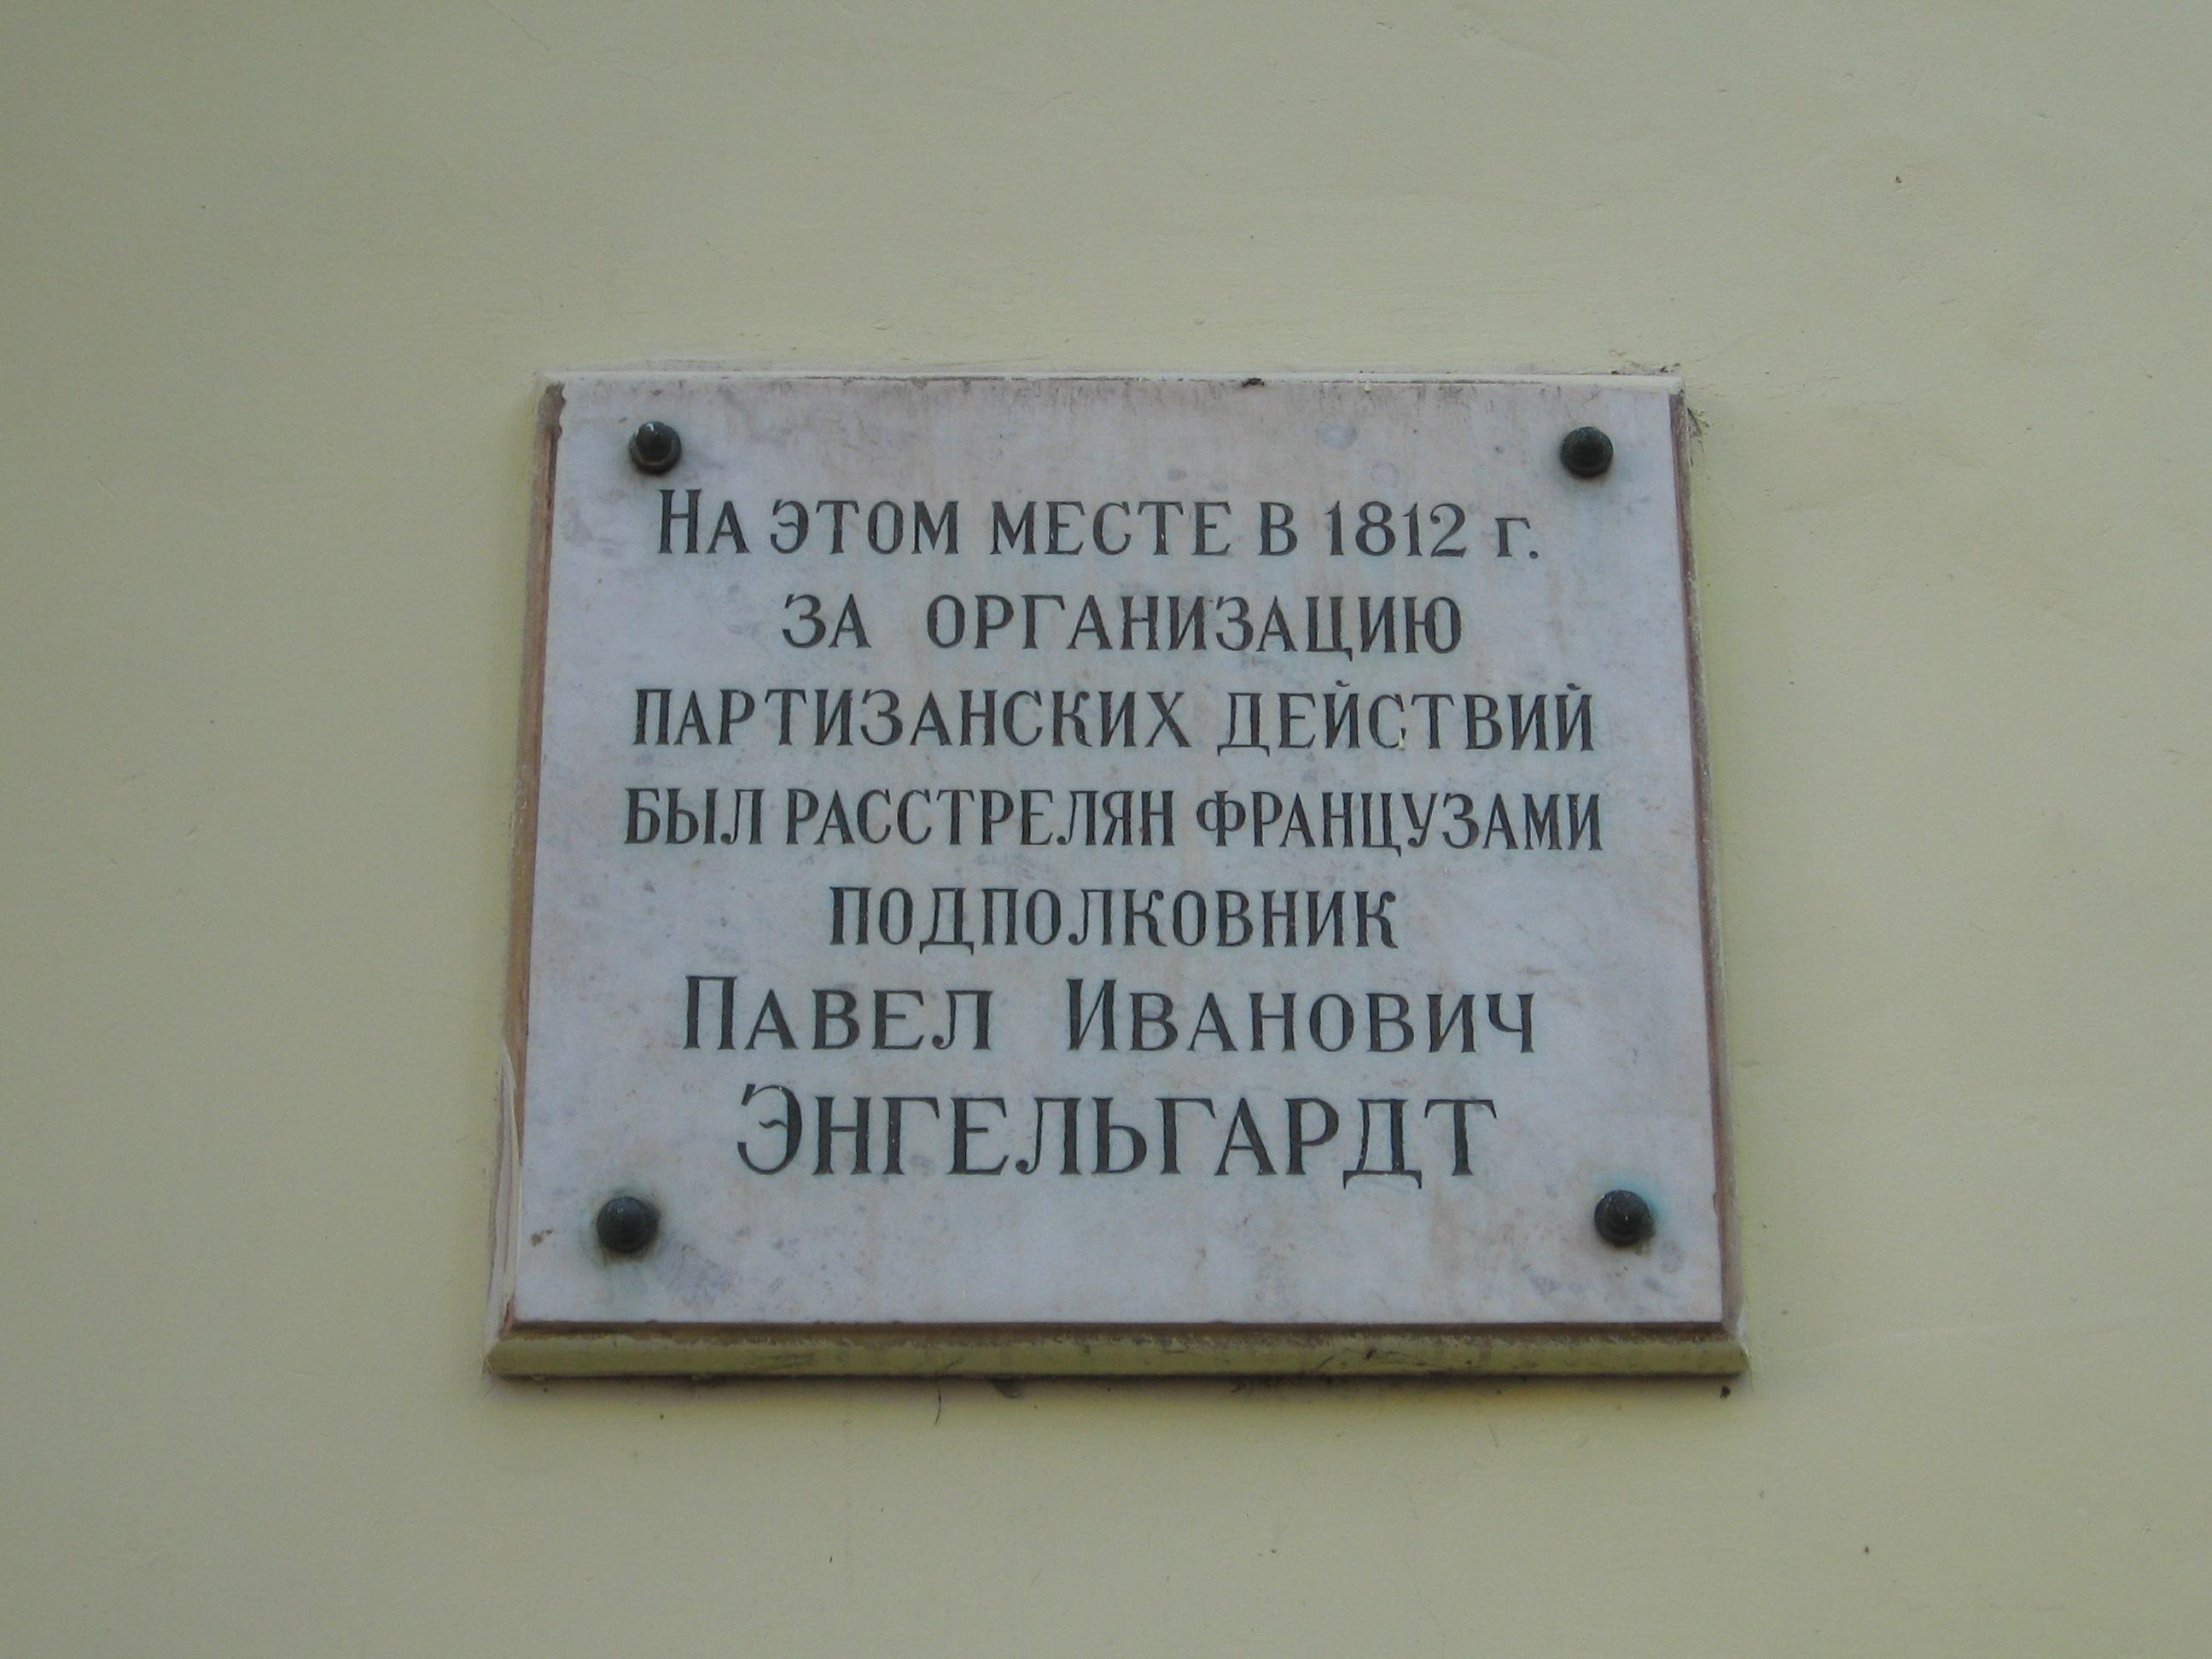 Памятное место, где в 1812 г. французы расстреляли подполковника П.И.Энгельгардта за организацию партизанского движения